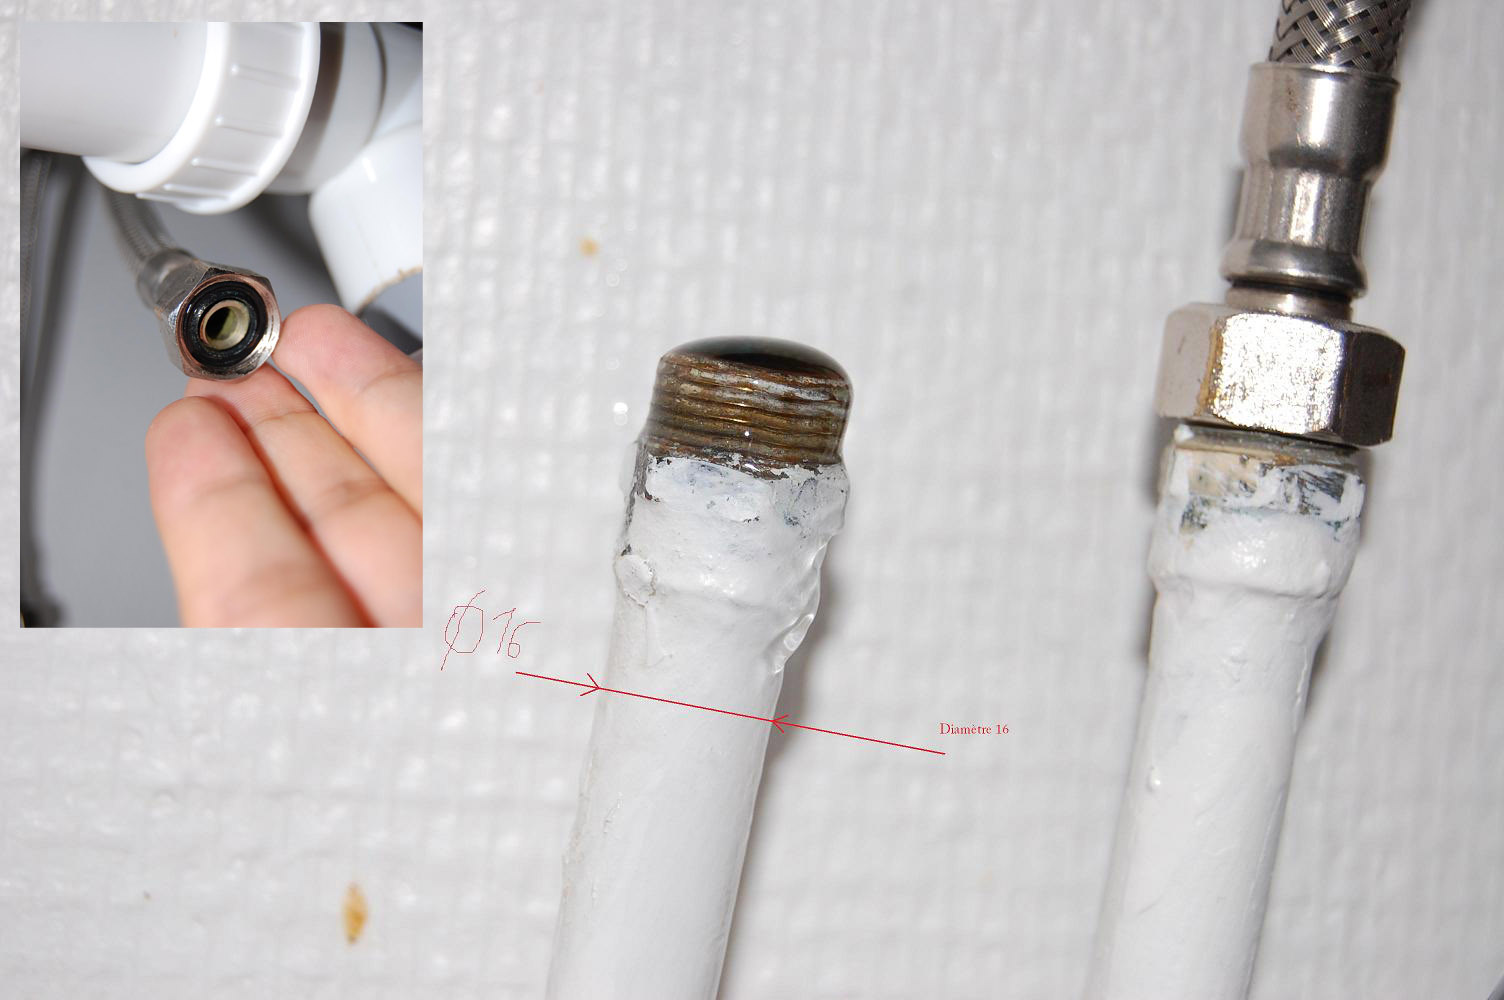 Adaptation canalisation pour lave vaisselle for Robinet pour lave vaisselle